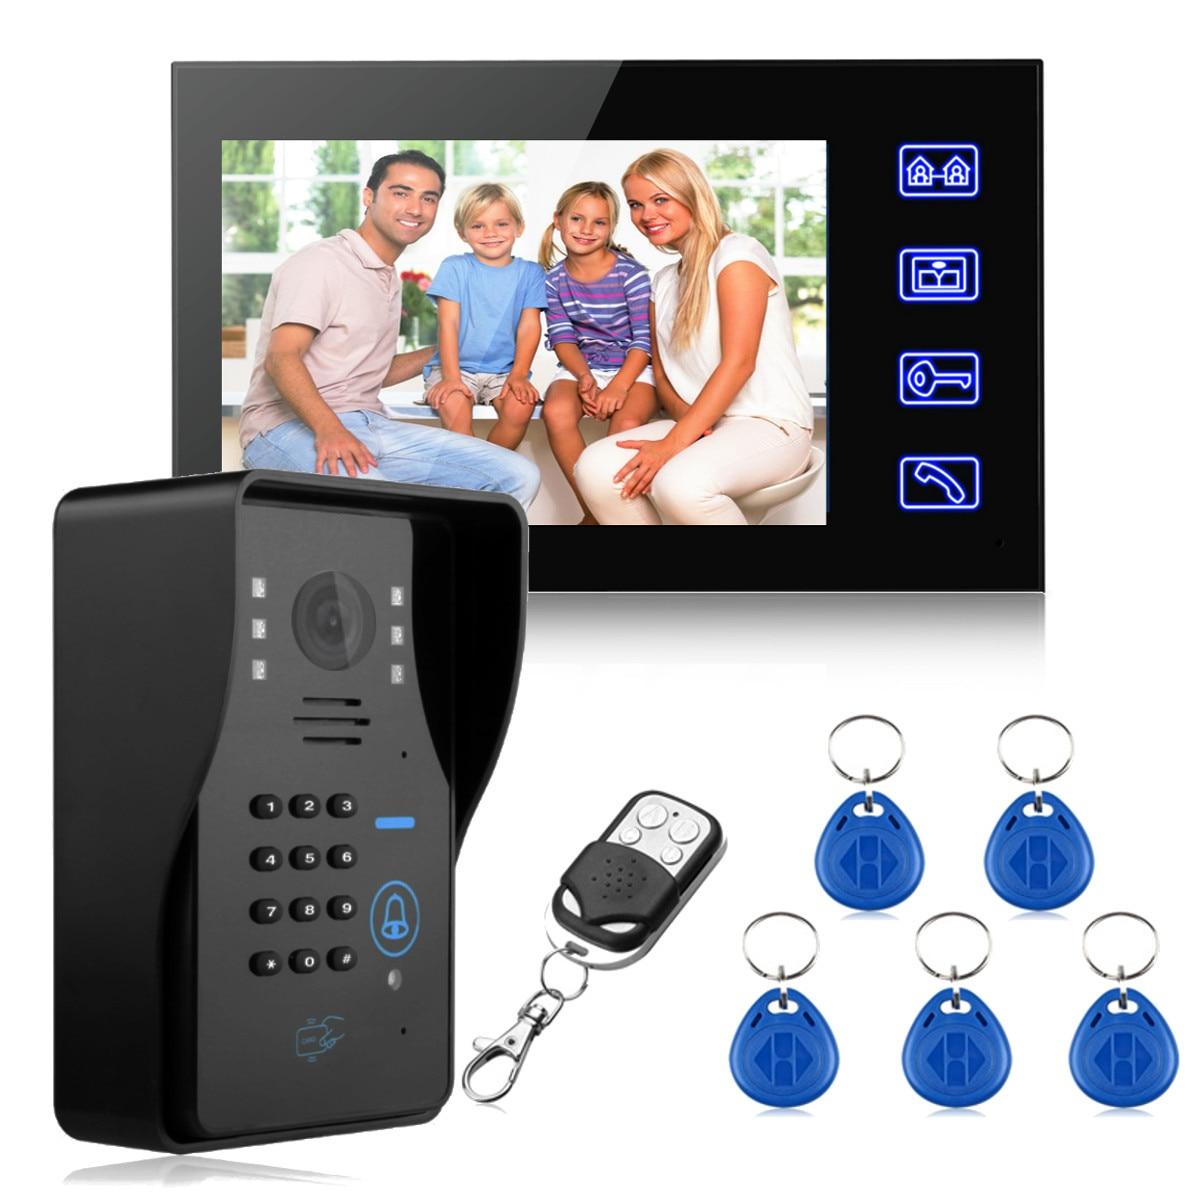 Safurance 7 ЖК-дисплей RFID видео дверной звонок Домофон Системы сенсорный ключ ИК Камера охранных автоматизации зданий